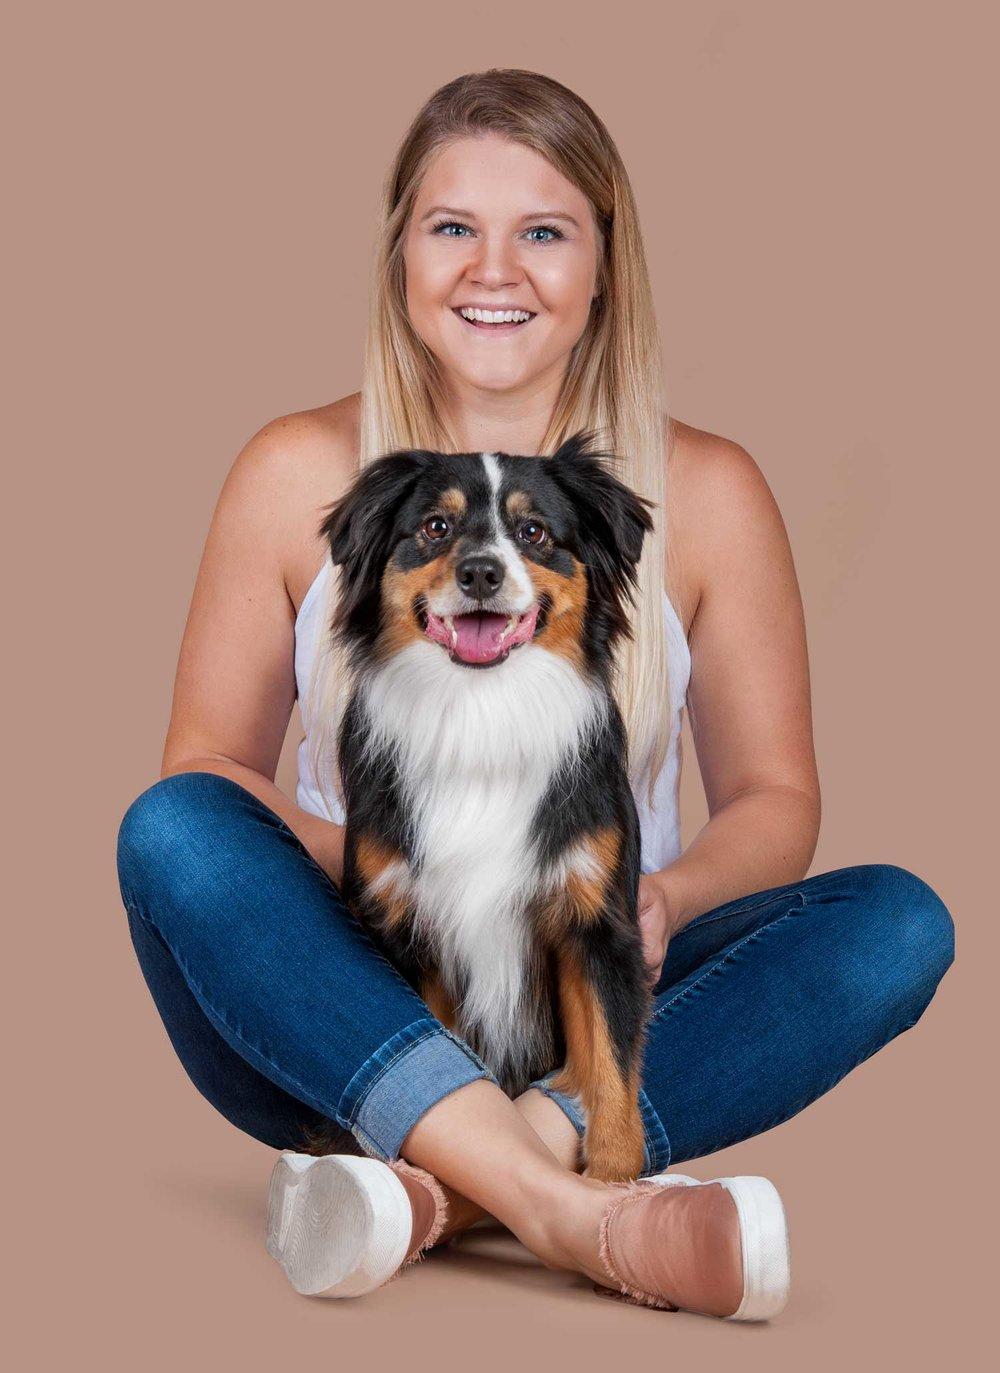 Paola-Paladini-Happy-Dog